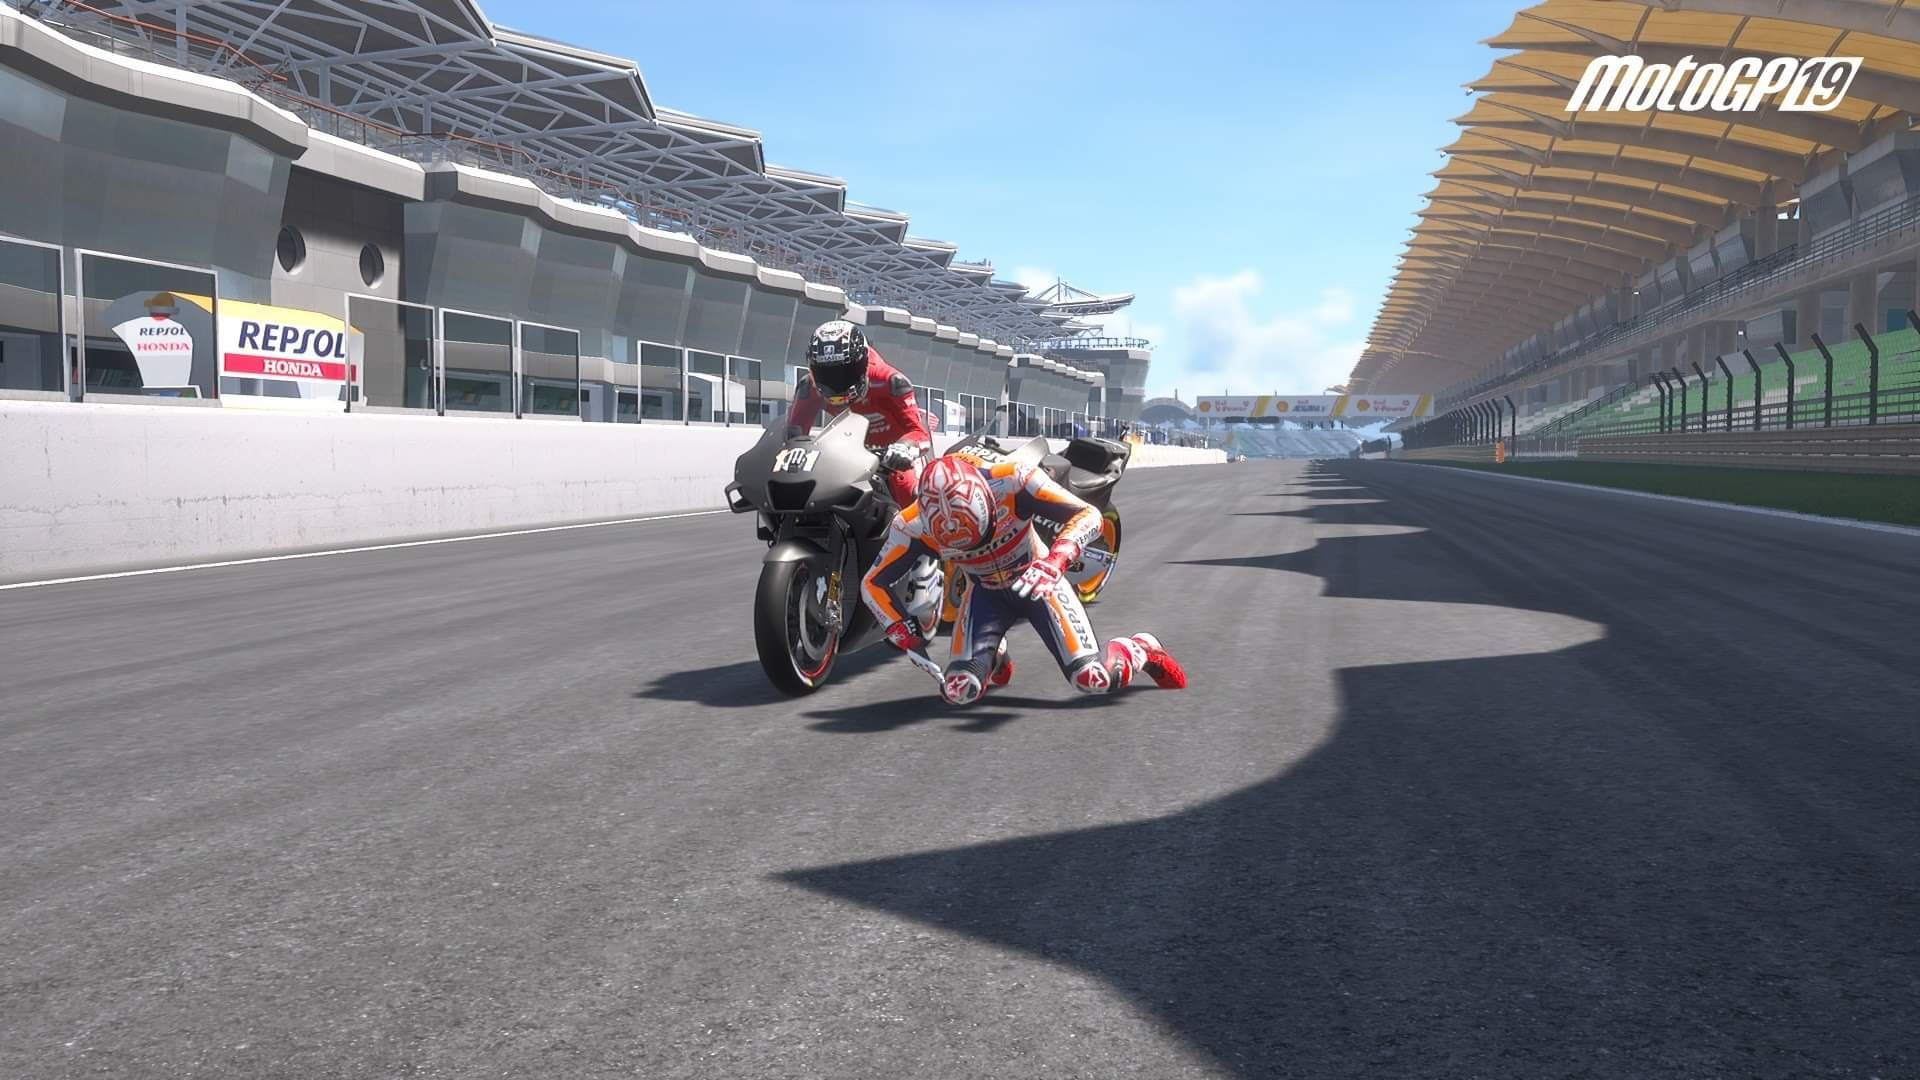 Moto GP 2019 crash